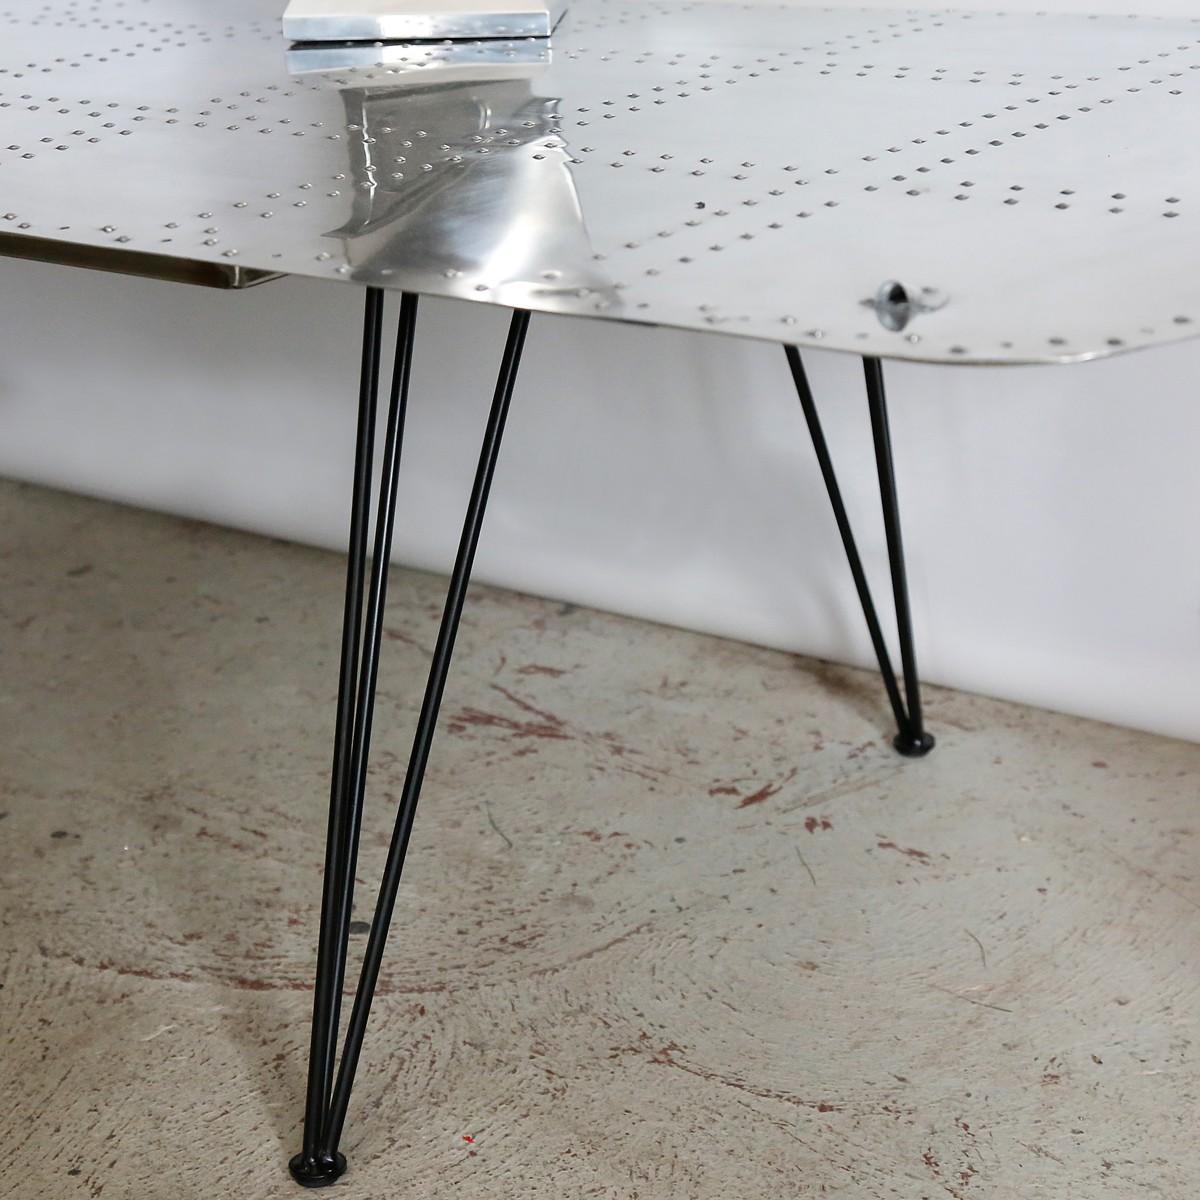 Table de salon - Trappe d'aile d'avion Broussard